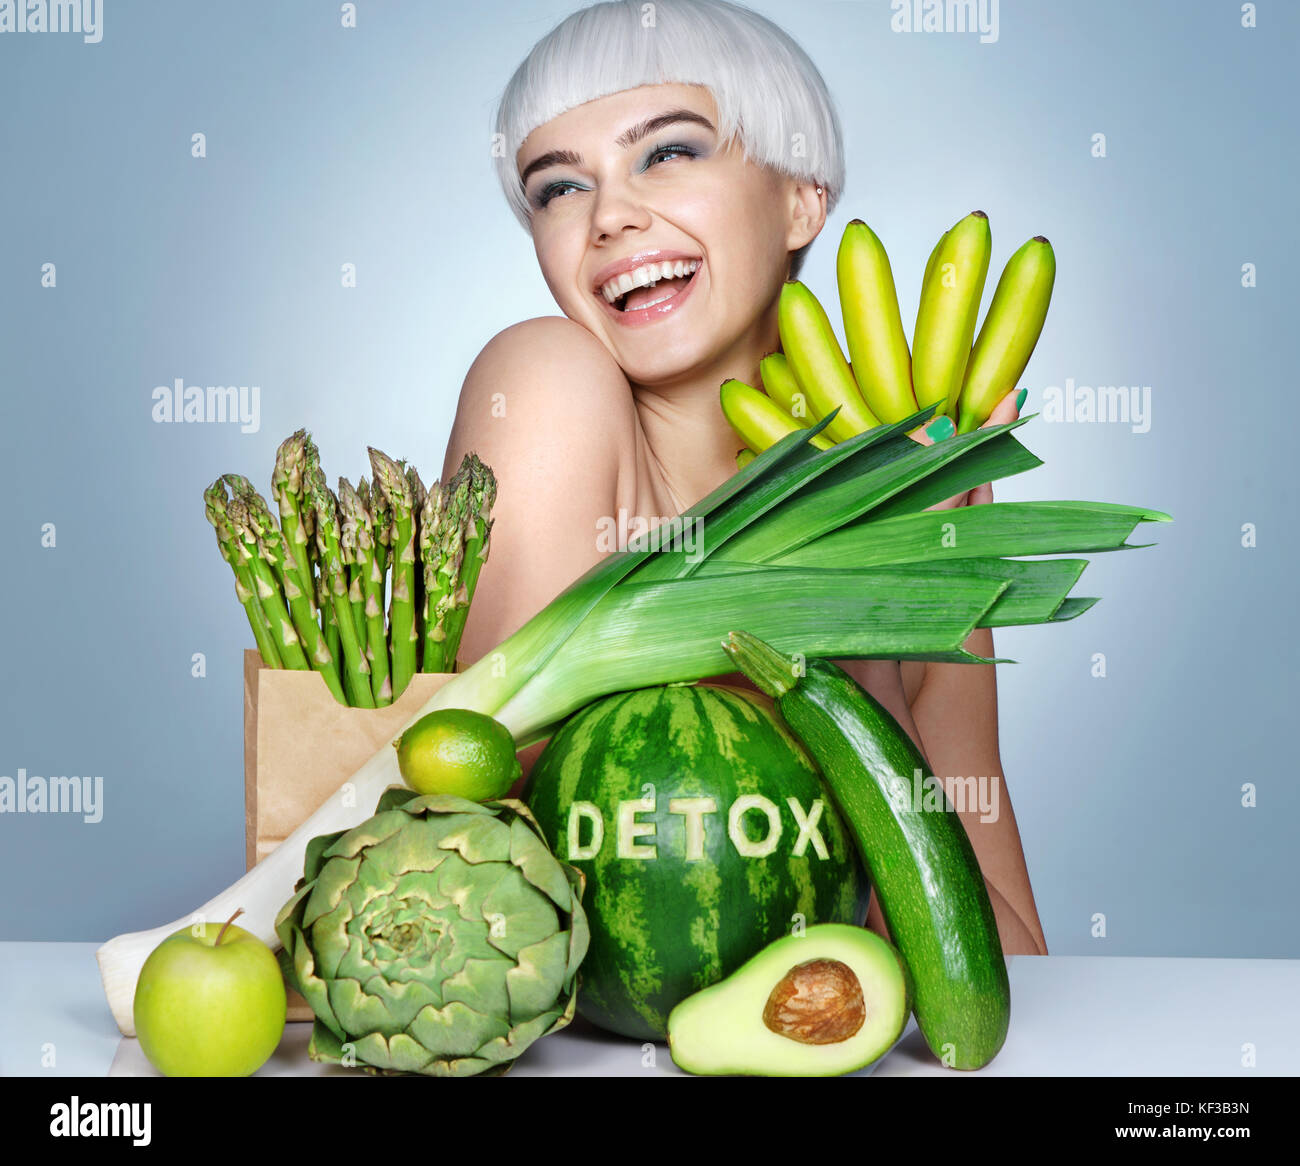 Feliz joven con una abundancia de frutas y verduras. Foto de sonriente chica rubia sobre fondo azul concepto de Imagen De Stock